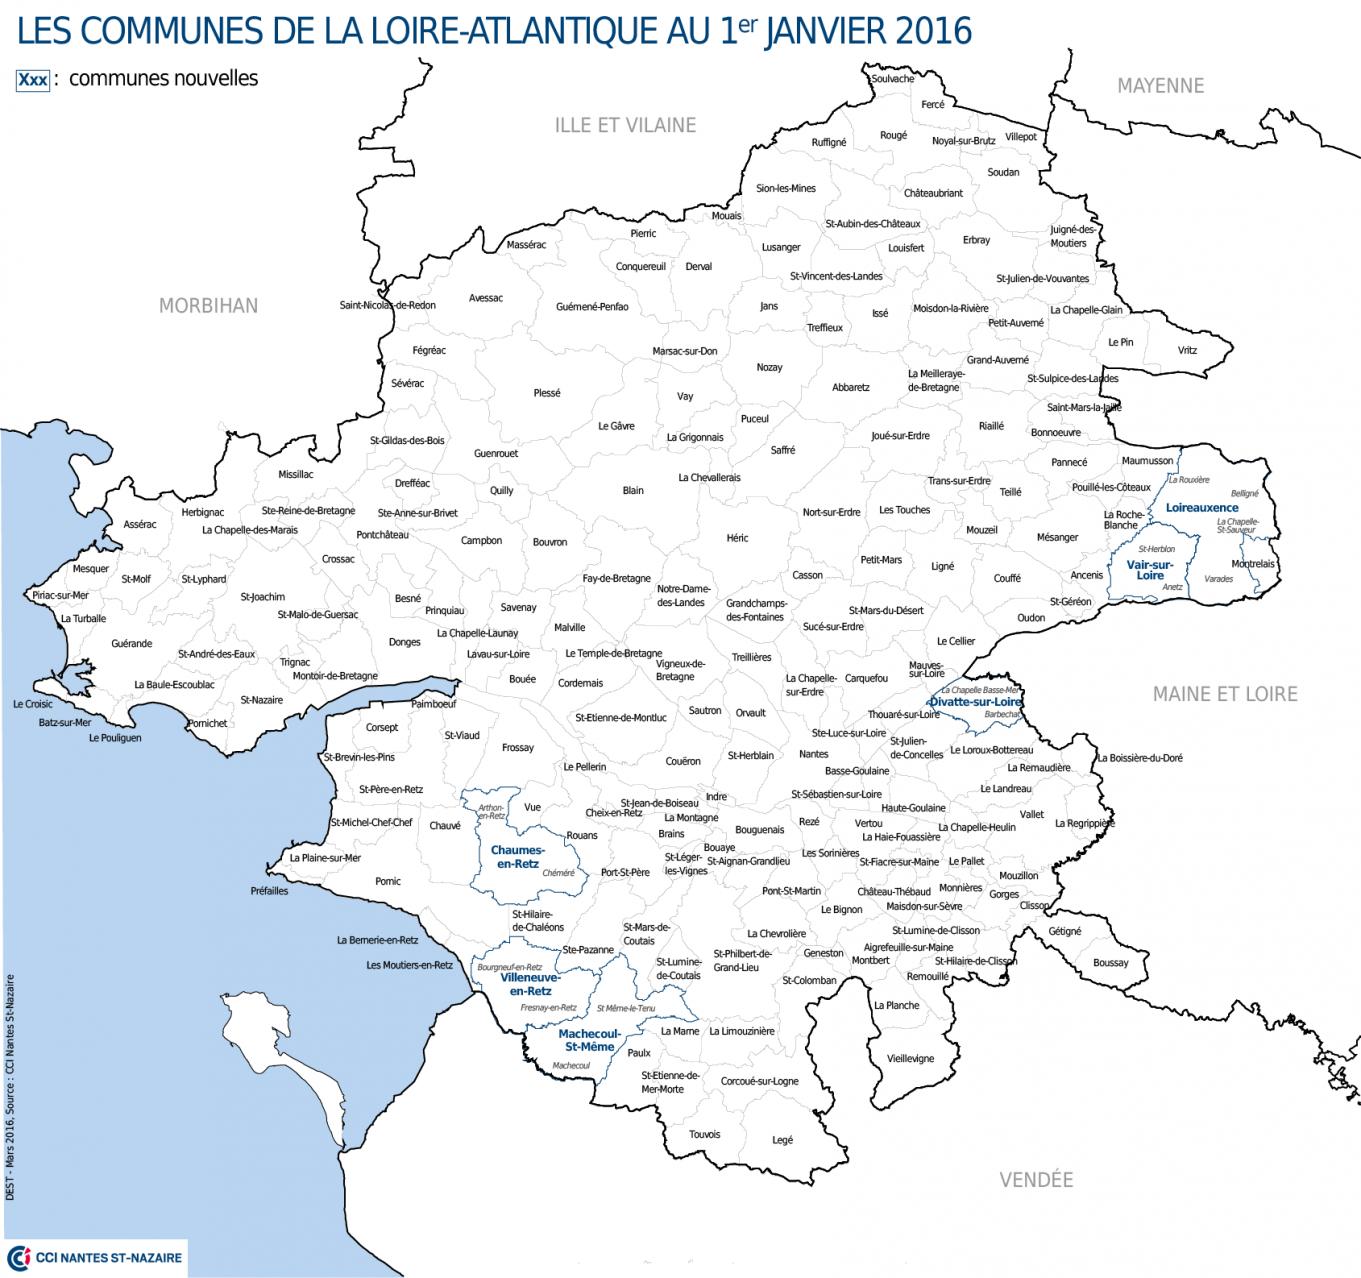 Carte Loire Atlantique.Nouveau Decoupage Geographique A Quoi Va Ressembler La